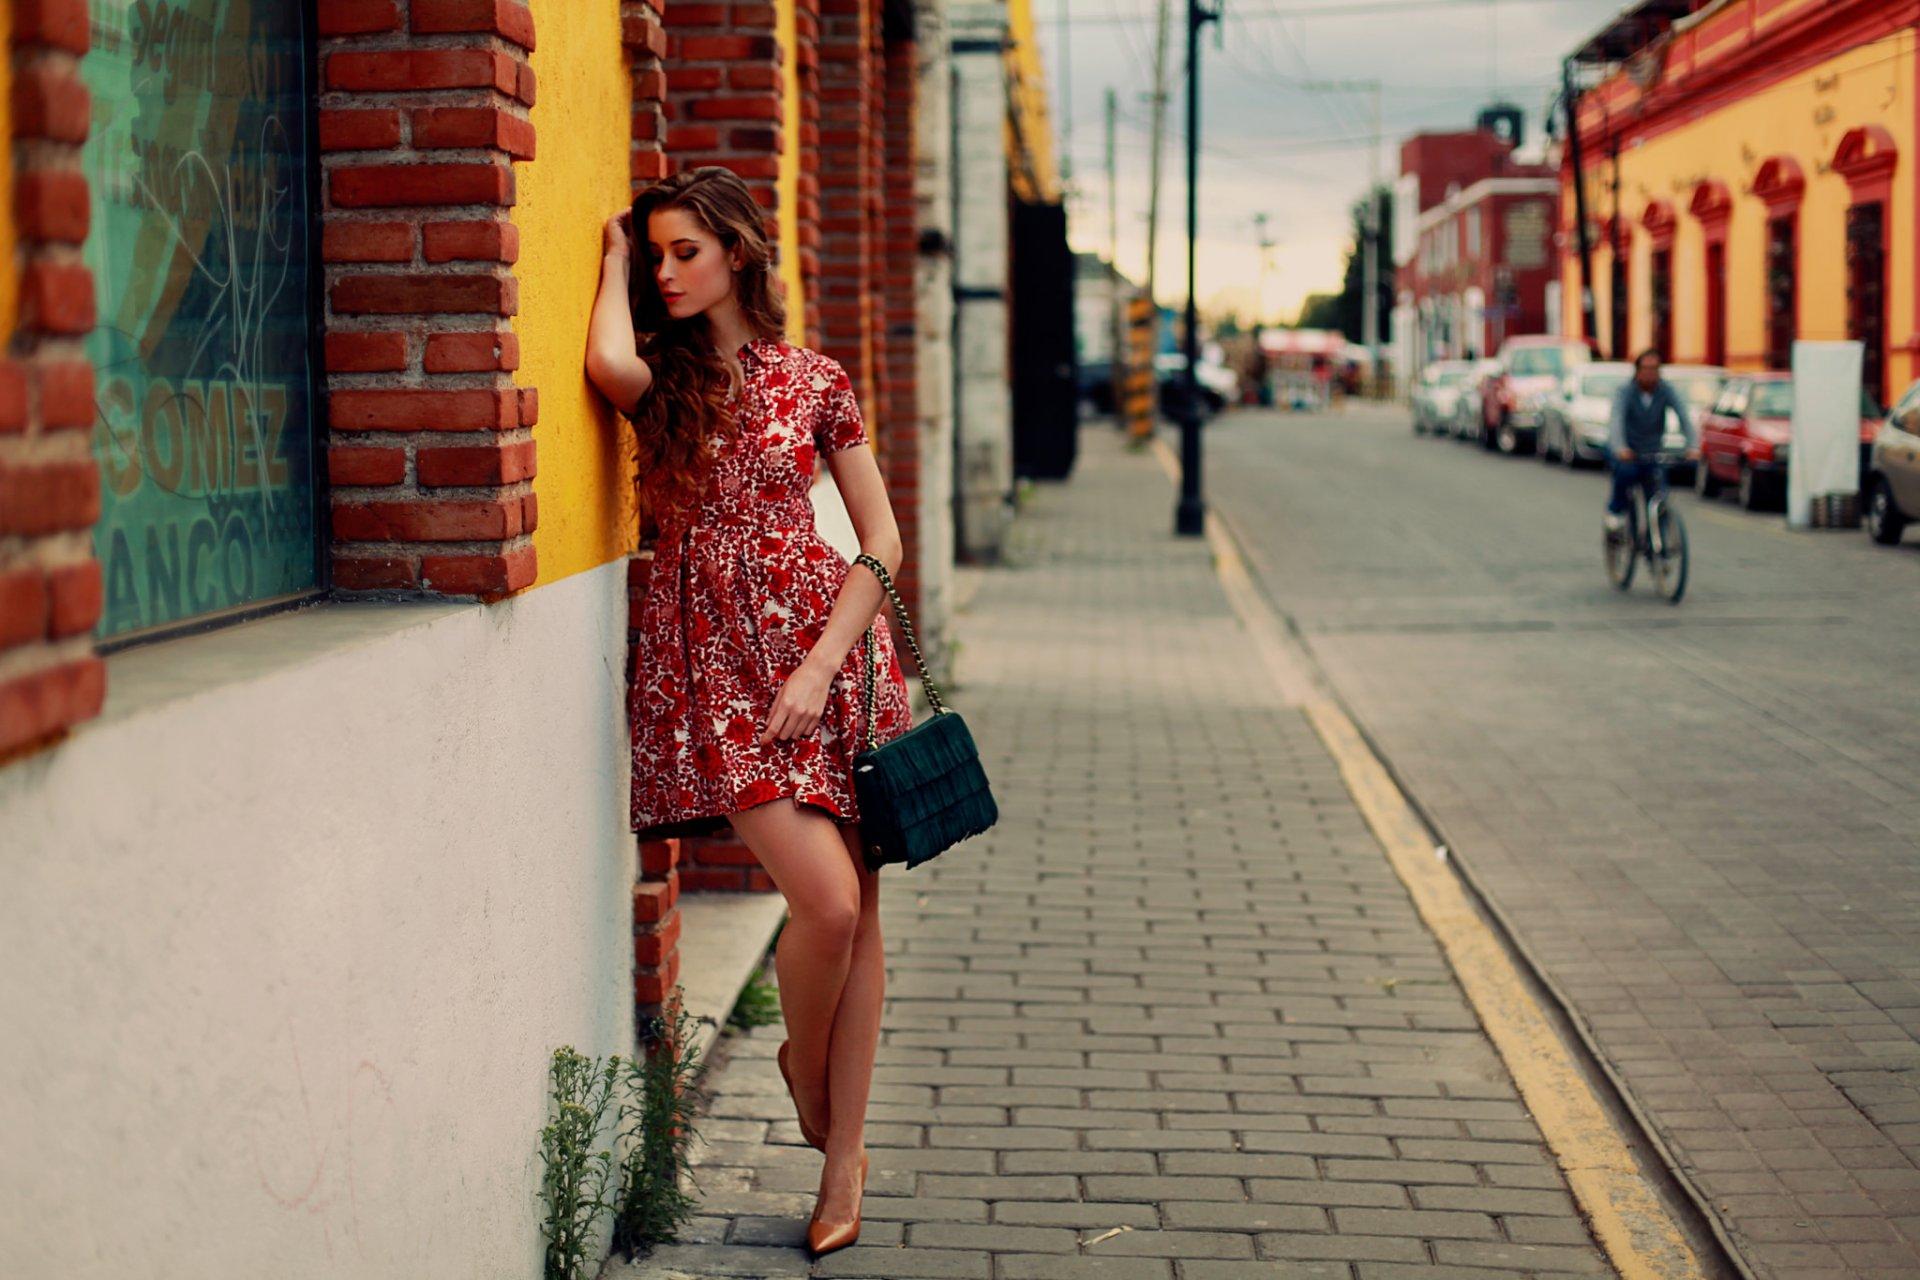 Фото В Платье В Городе